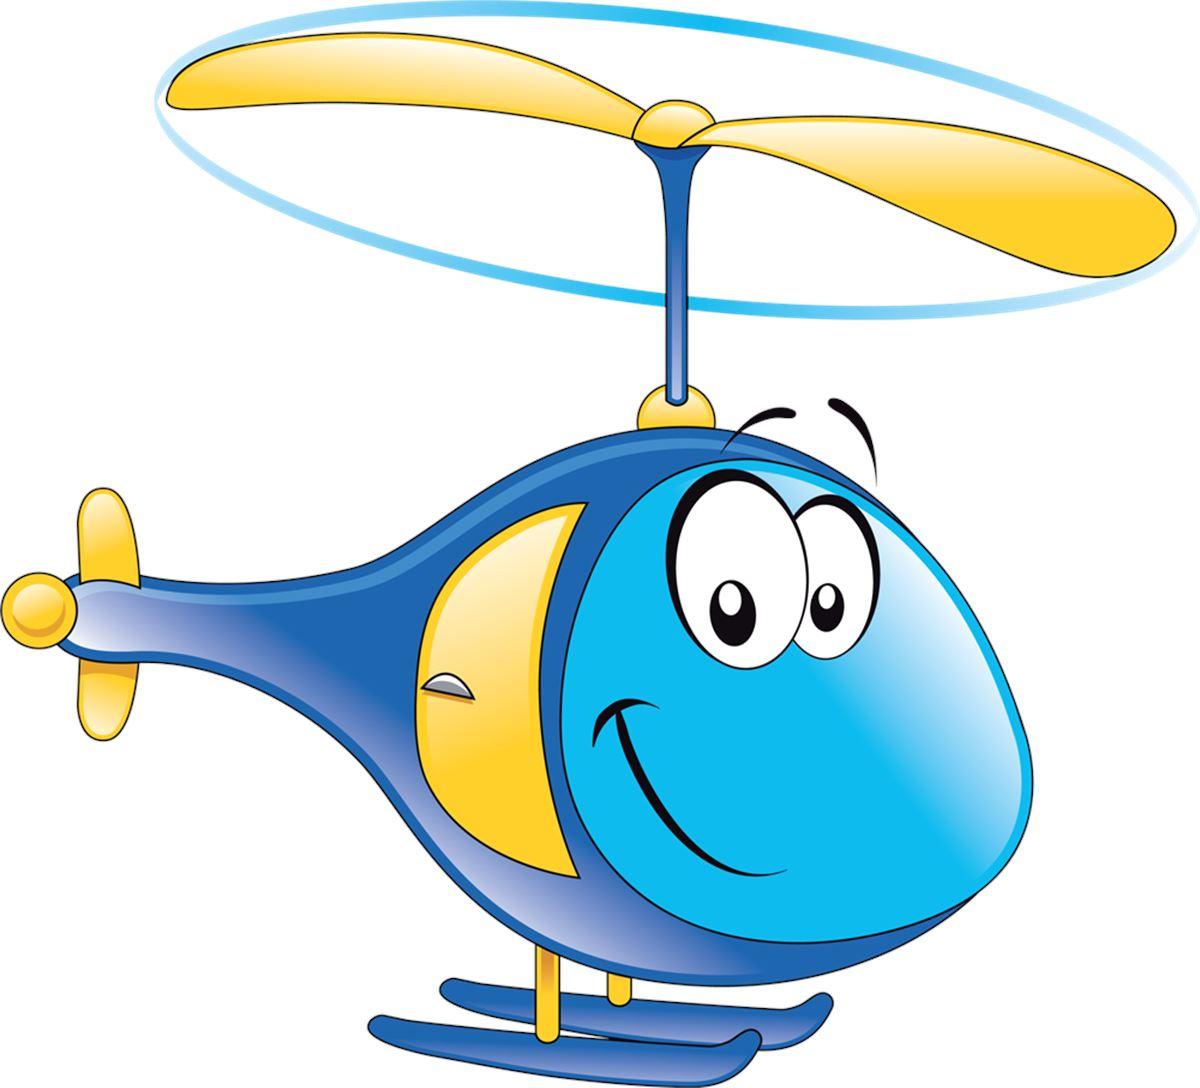 Elicottero Telecomandato Per Bambini : Adesivi murali elicottero leostickers